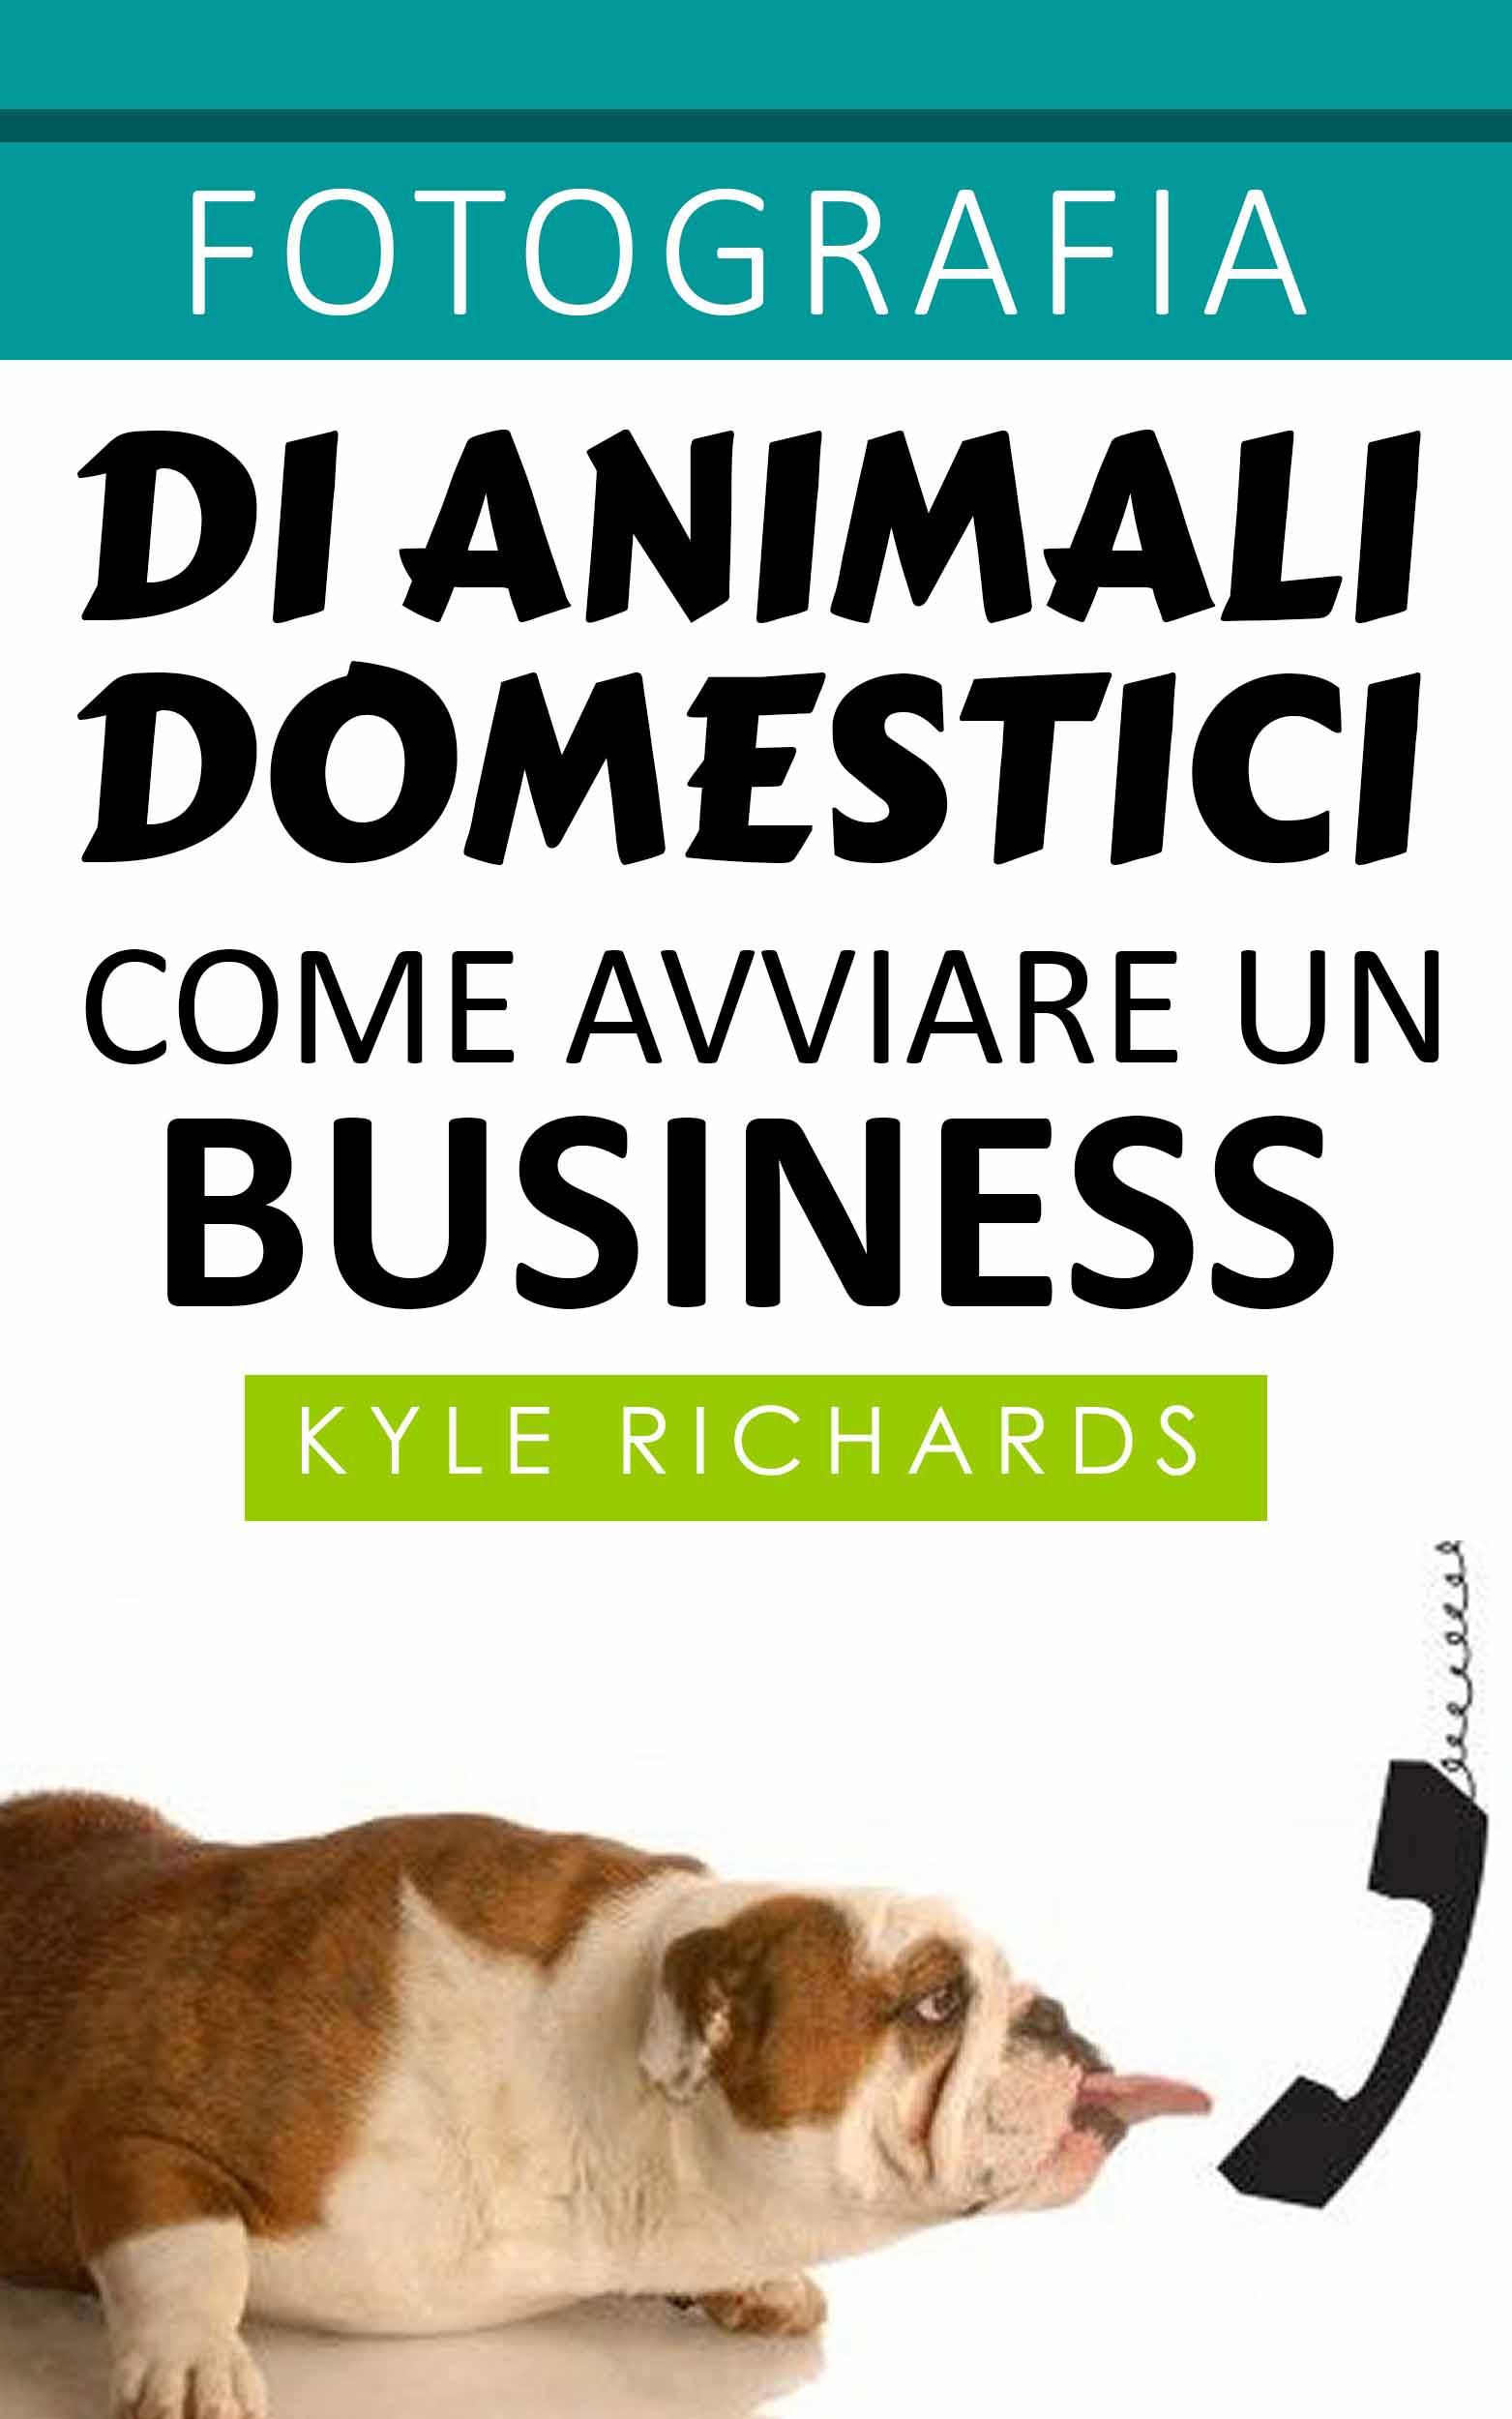 Fotografia di animali domestici: come avviare un business